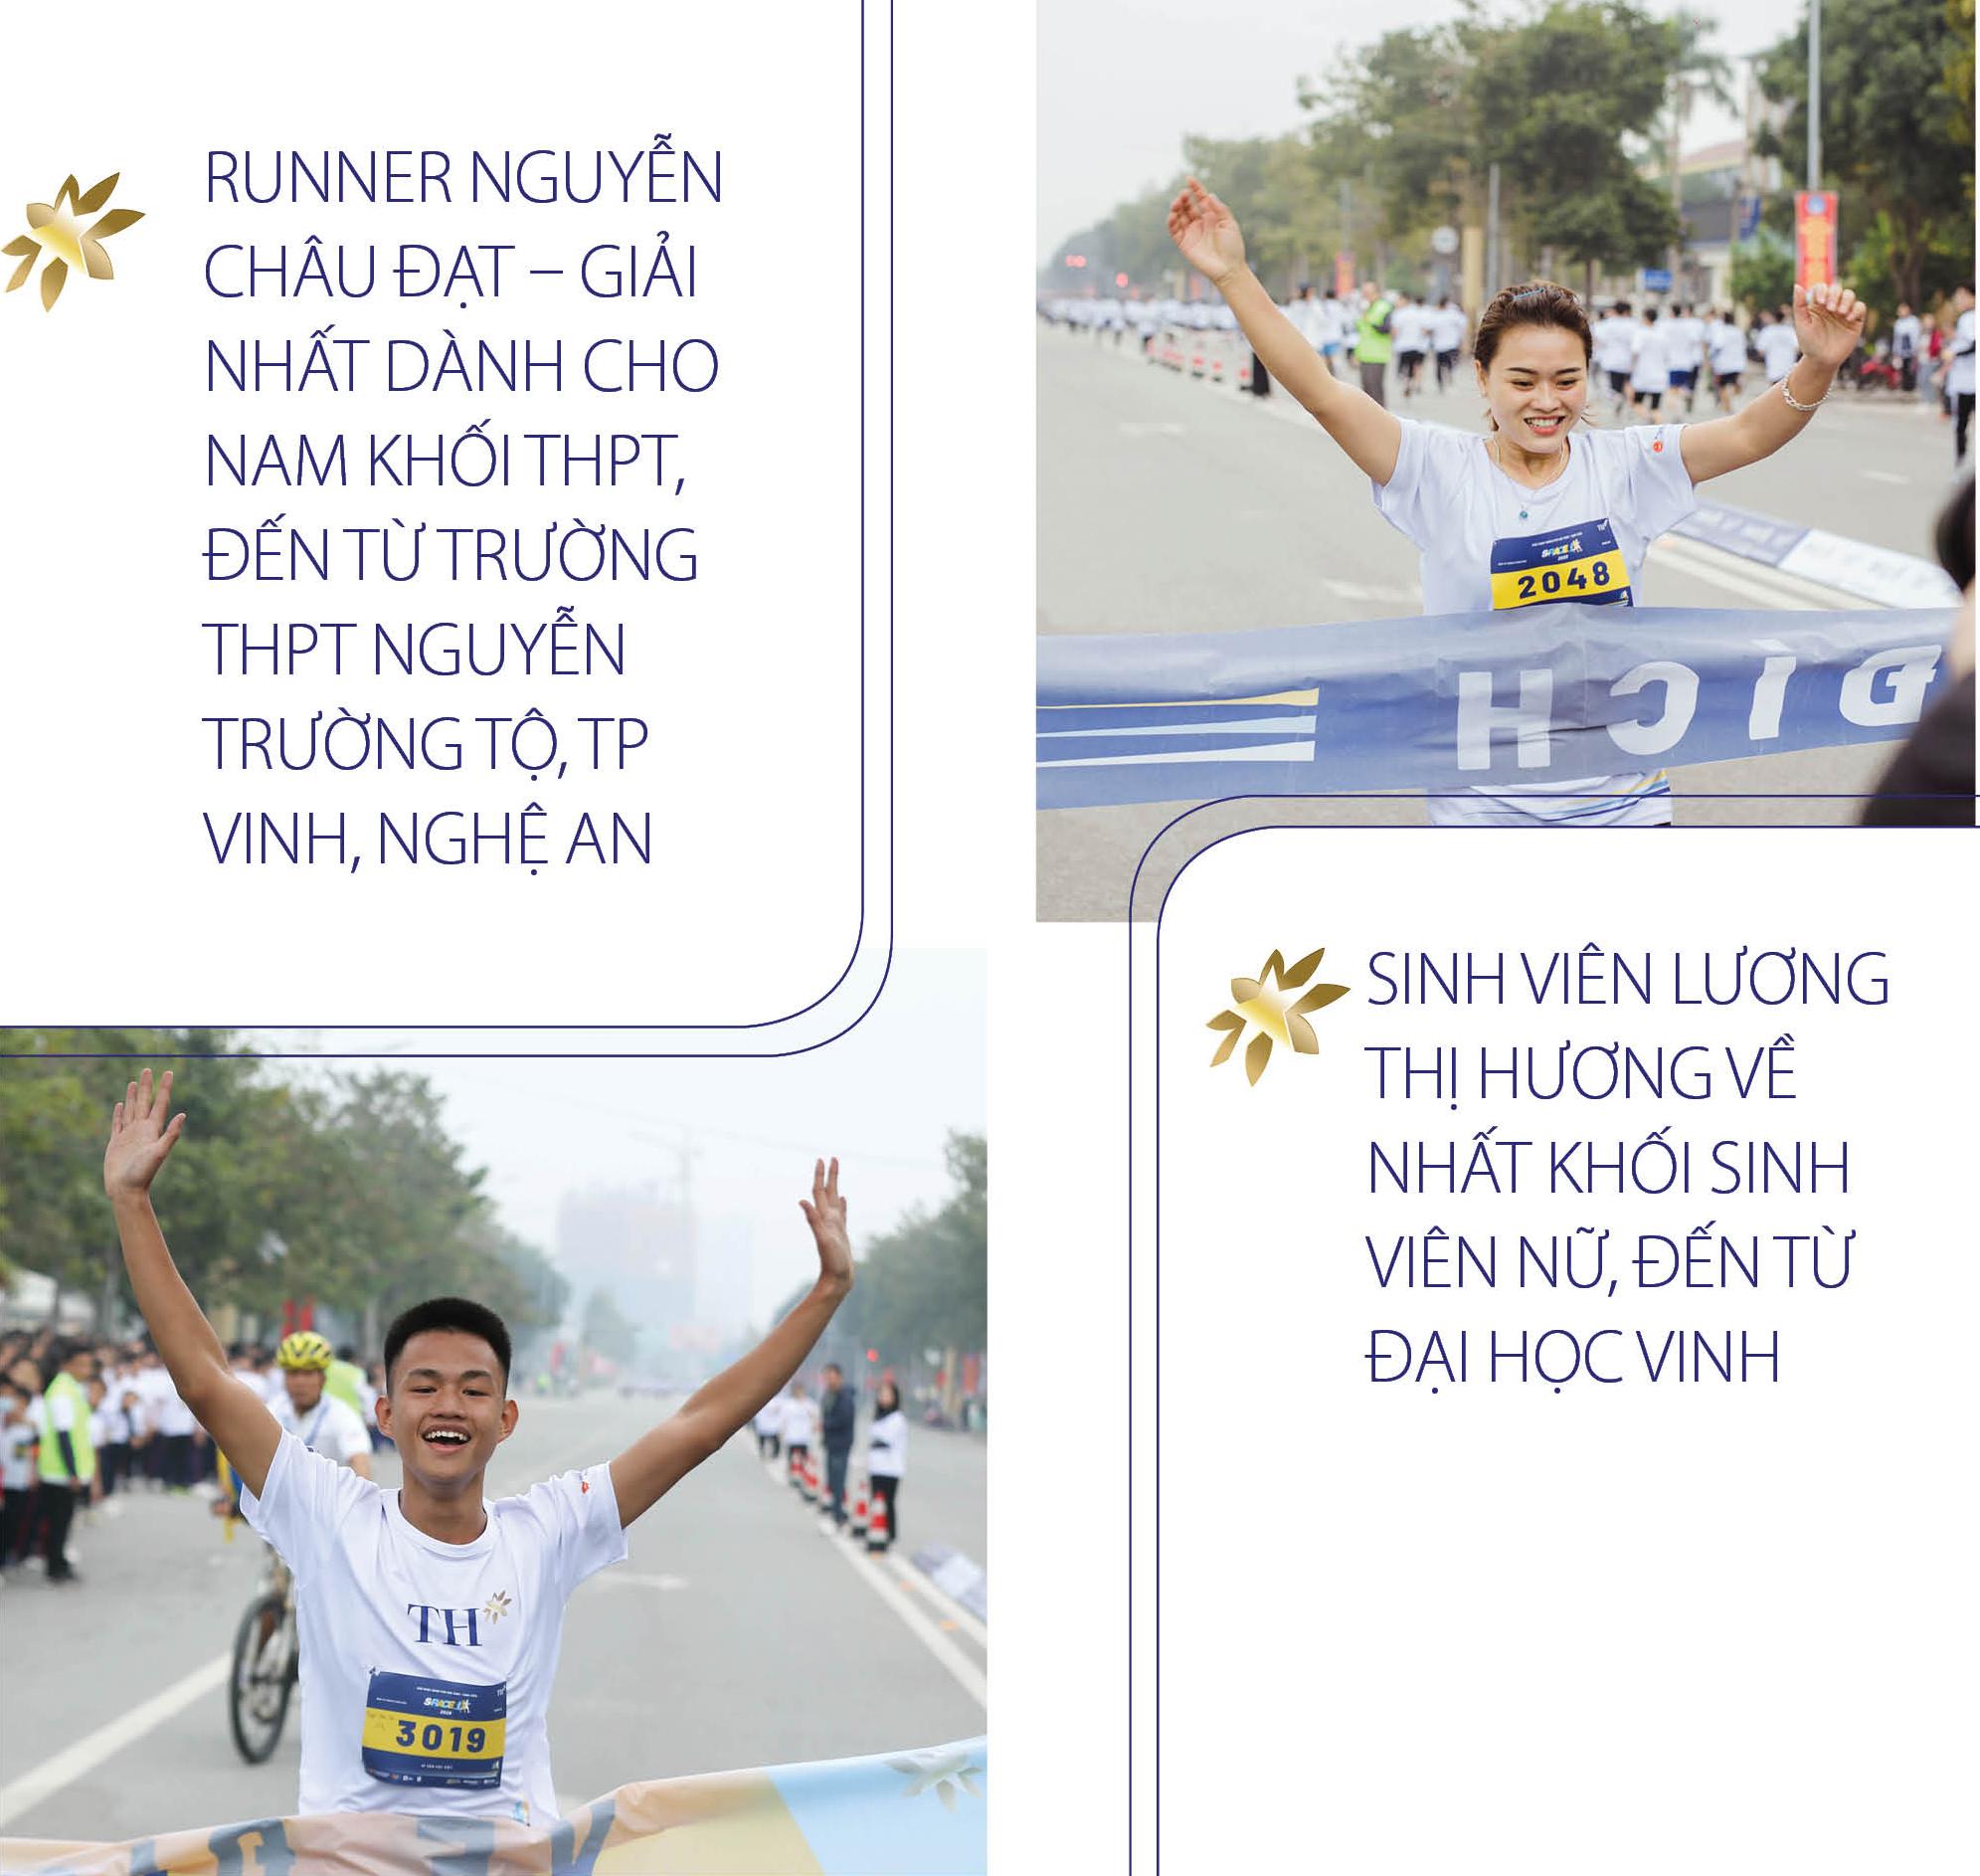 S-RACE – Bước chạy đà cho chiến lược sức khỏe học đường  - ảnh 5